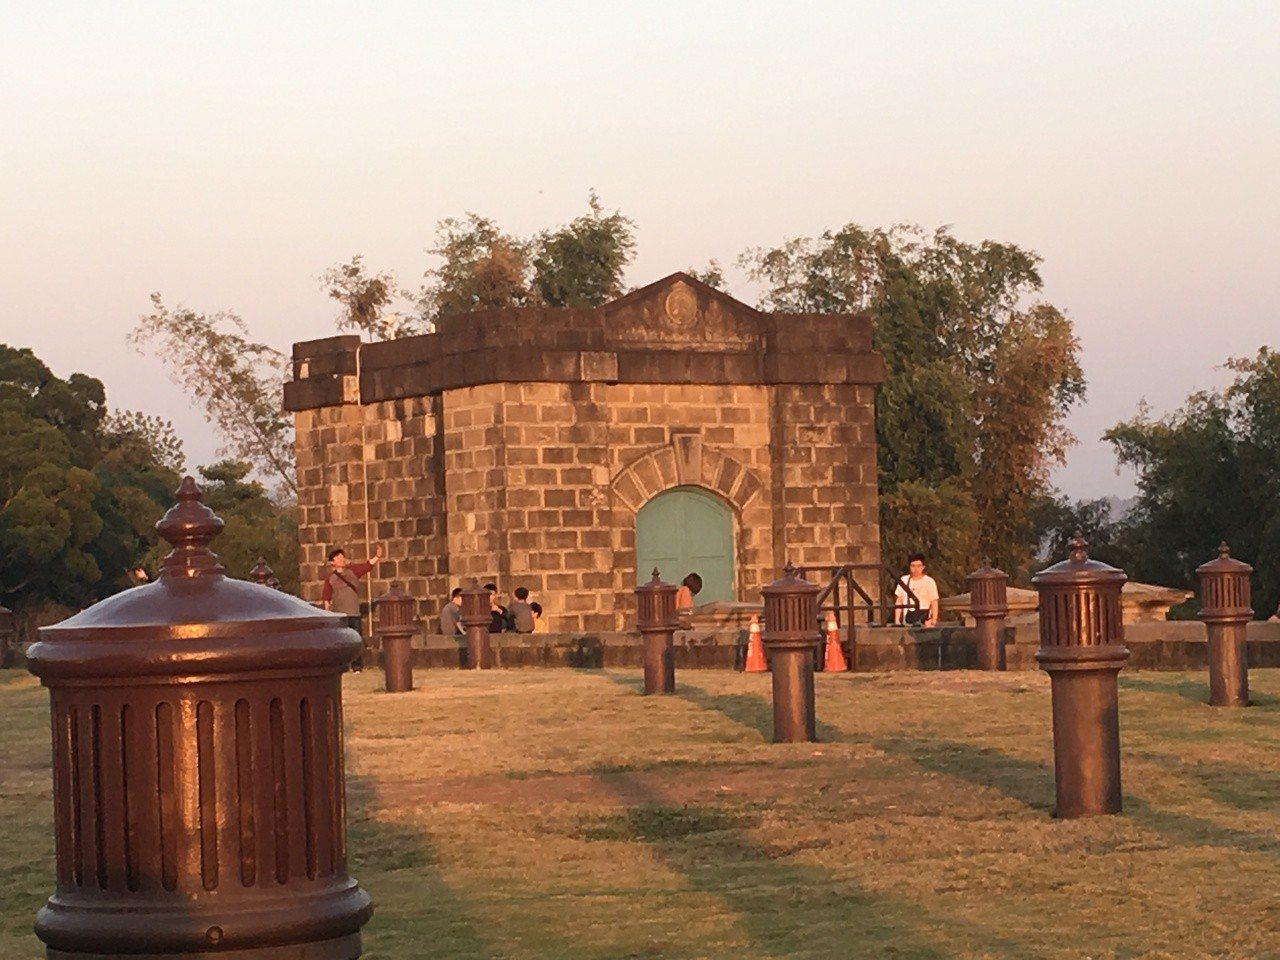 原台南水道淨水池區城堡式建築吸引遊客。記者吳淑玲/攝影